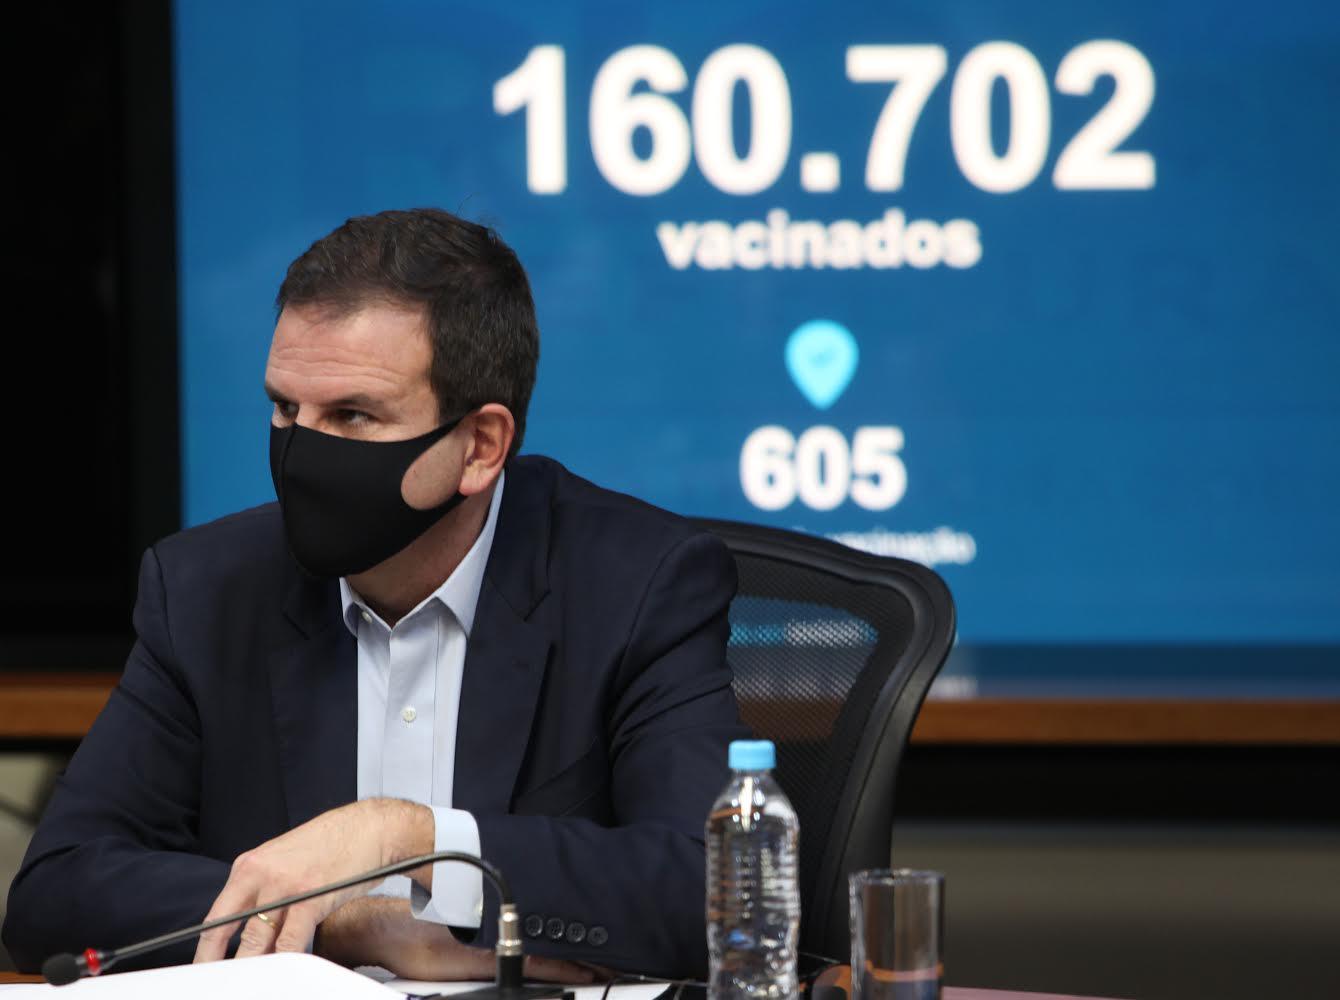 Crédito das fotos: Ricardo Cassiano/Prefeitura do Rio